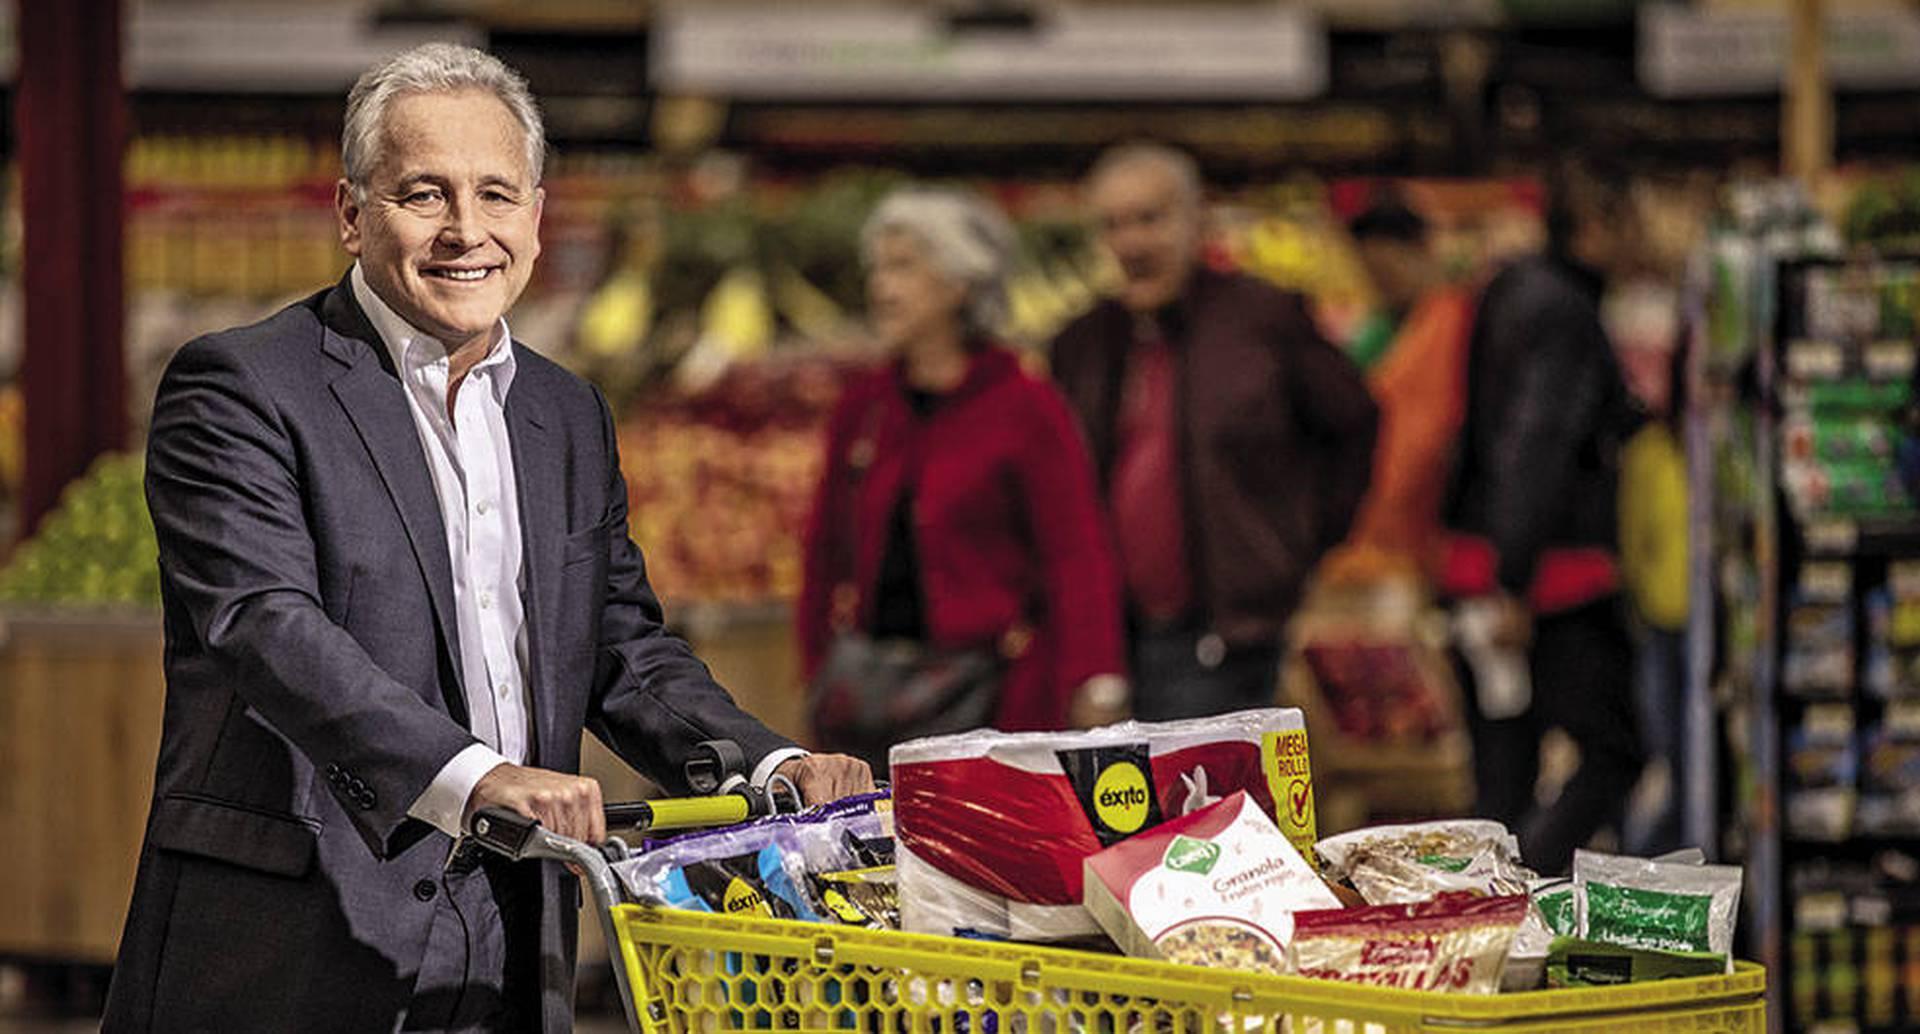 En el mundo, hoy promueven la compra local. Ese será uno de los ejes del Grupo Éxito de cara a la reactivación.